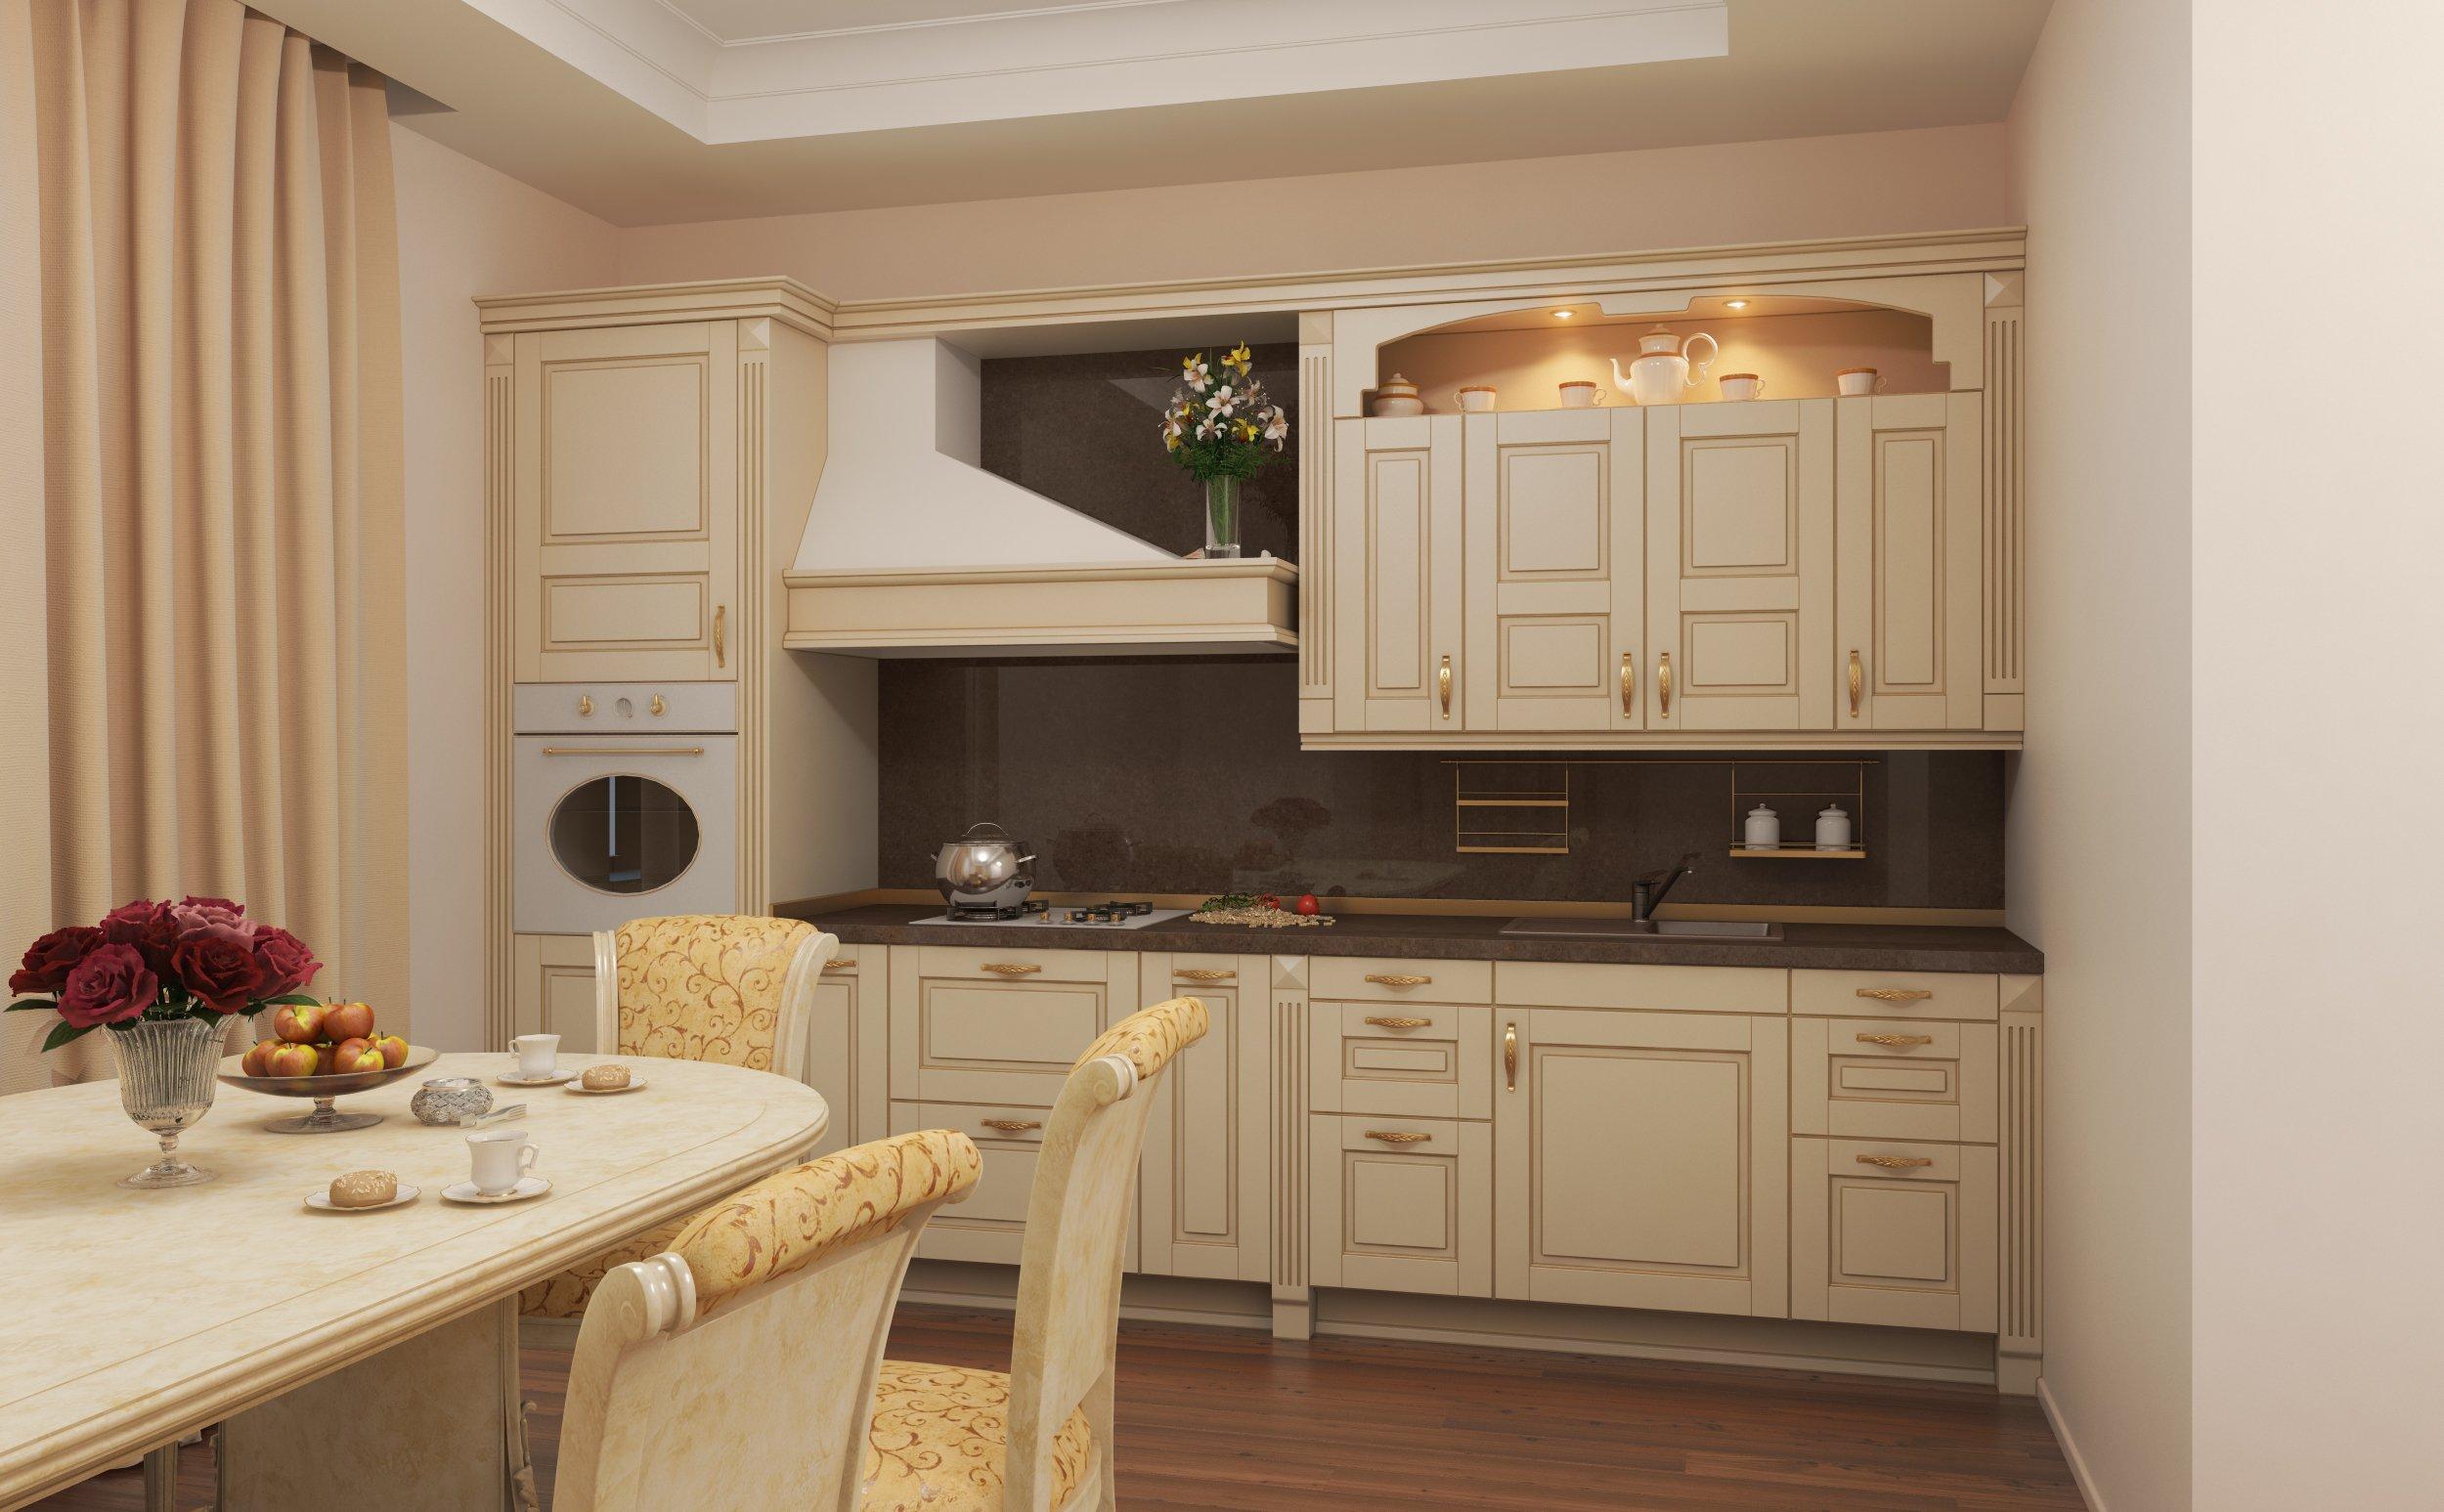 Кухонные цоколи из дерева отлично смотрятся на деревянной мебели в стиле классицизма